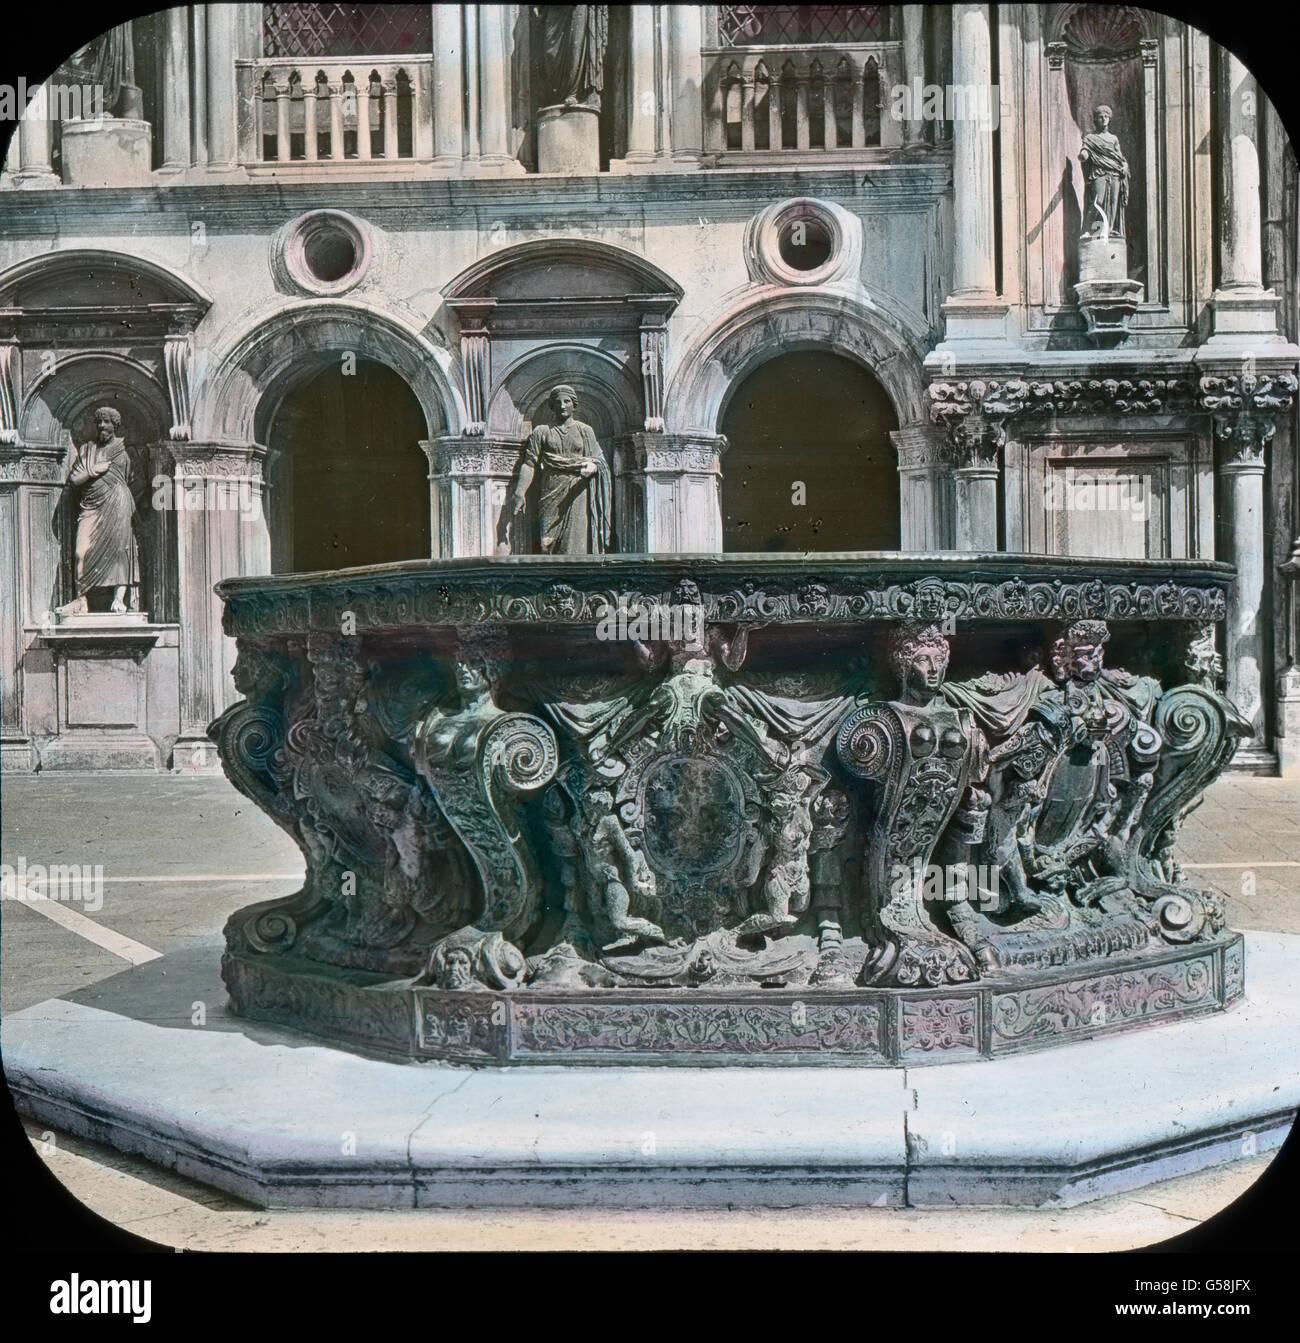 Wir sehen  den Brunnen als ein mächtiges Becken in kunstvollem Erzguß, geschmückt mit Figuren und - Stock Image